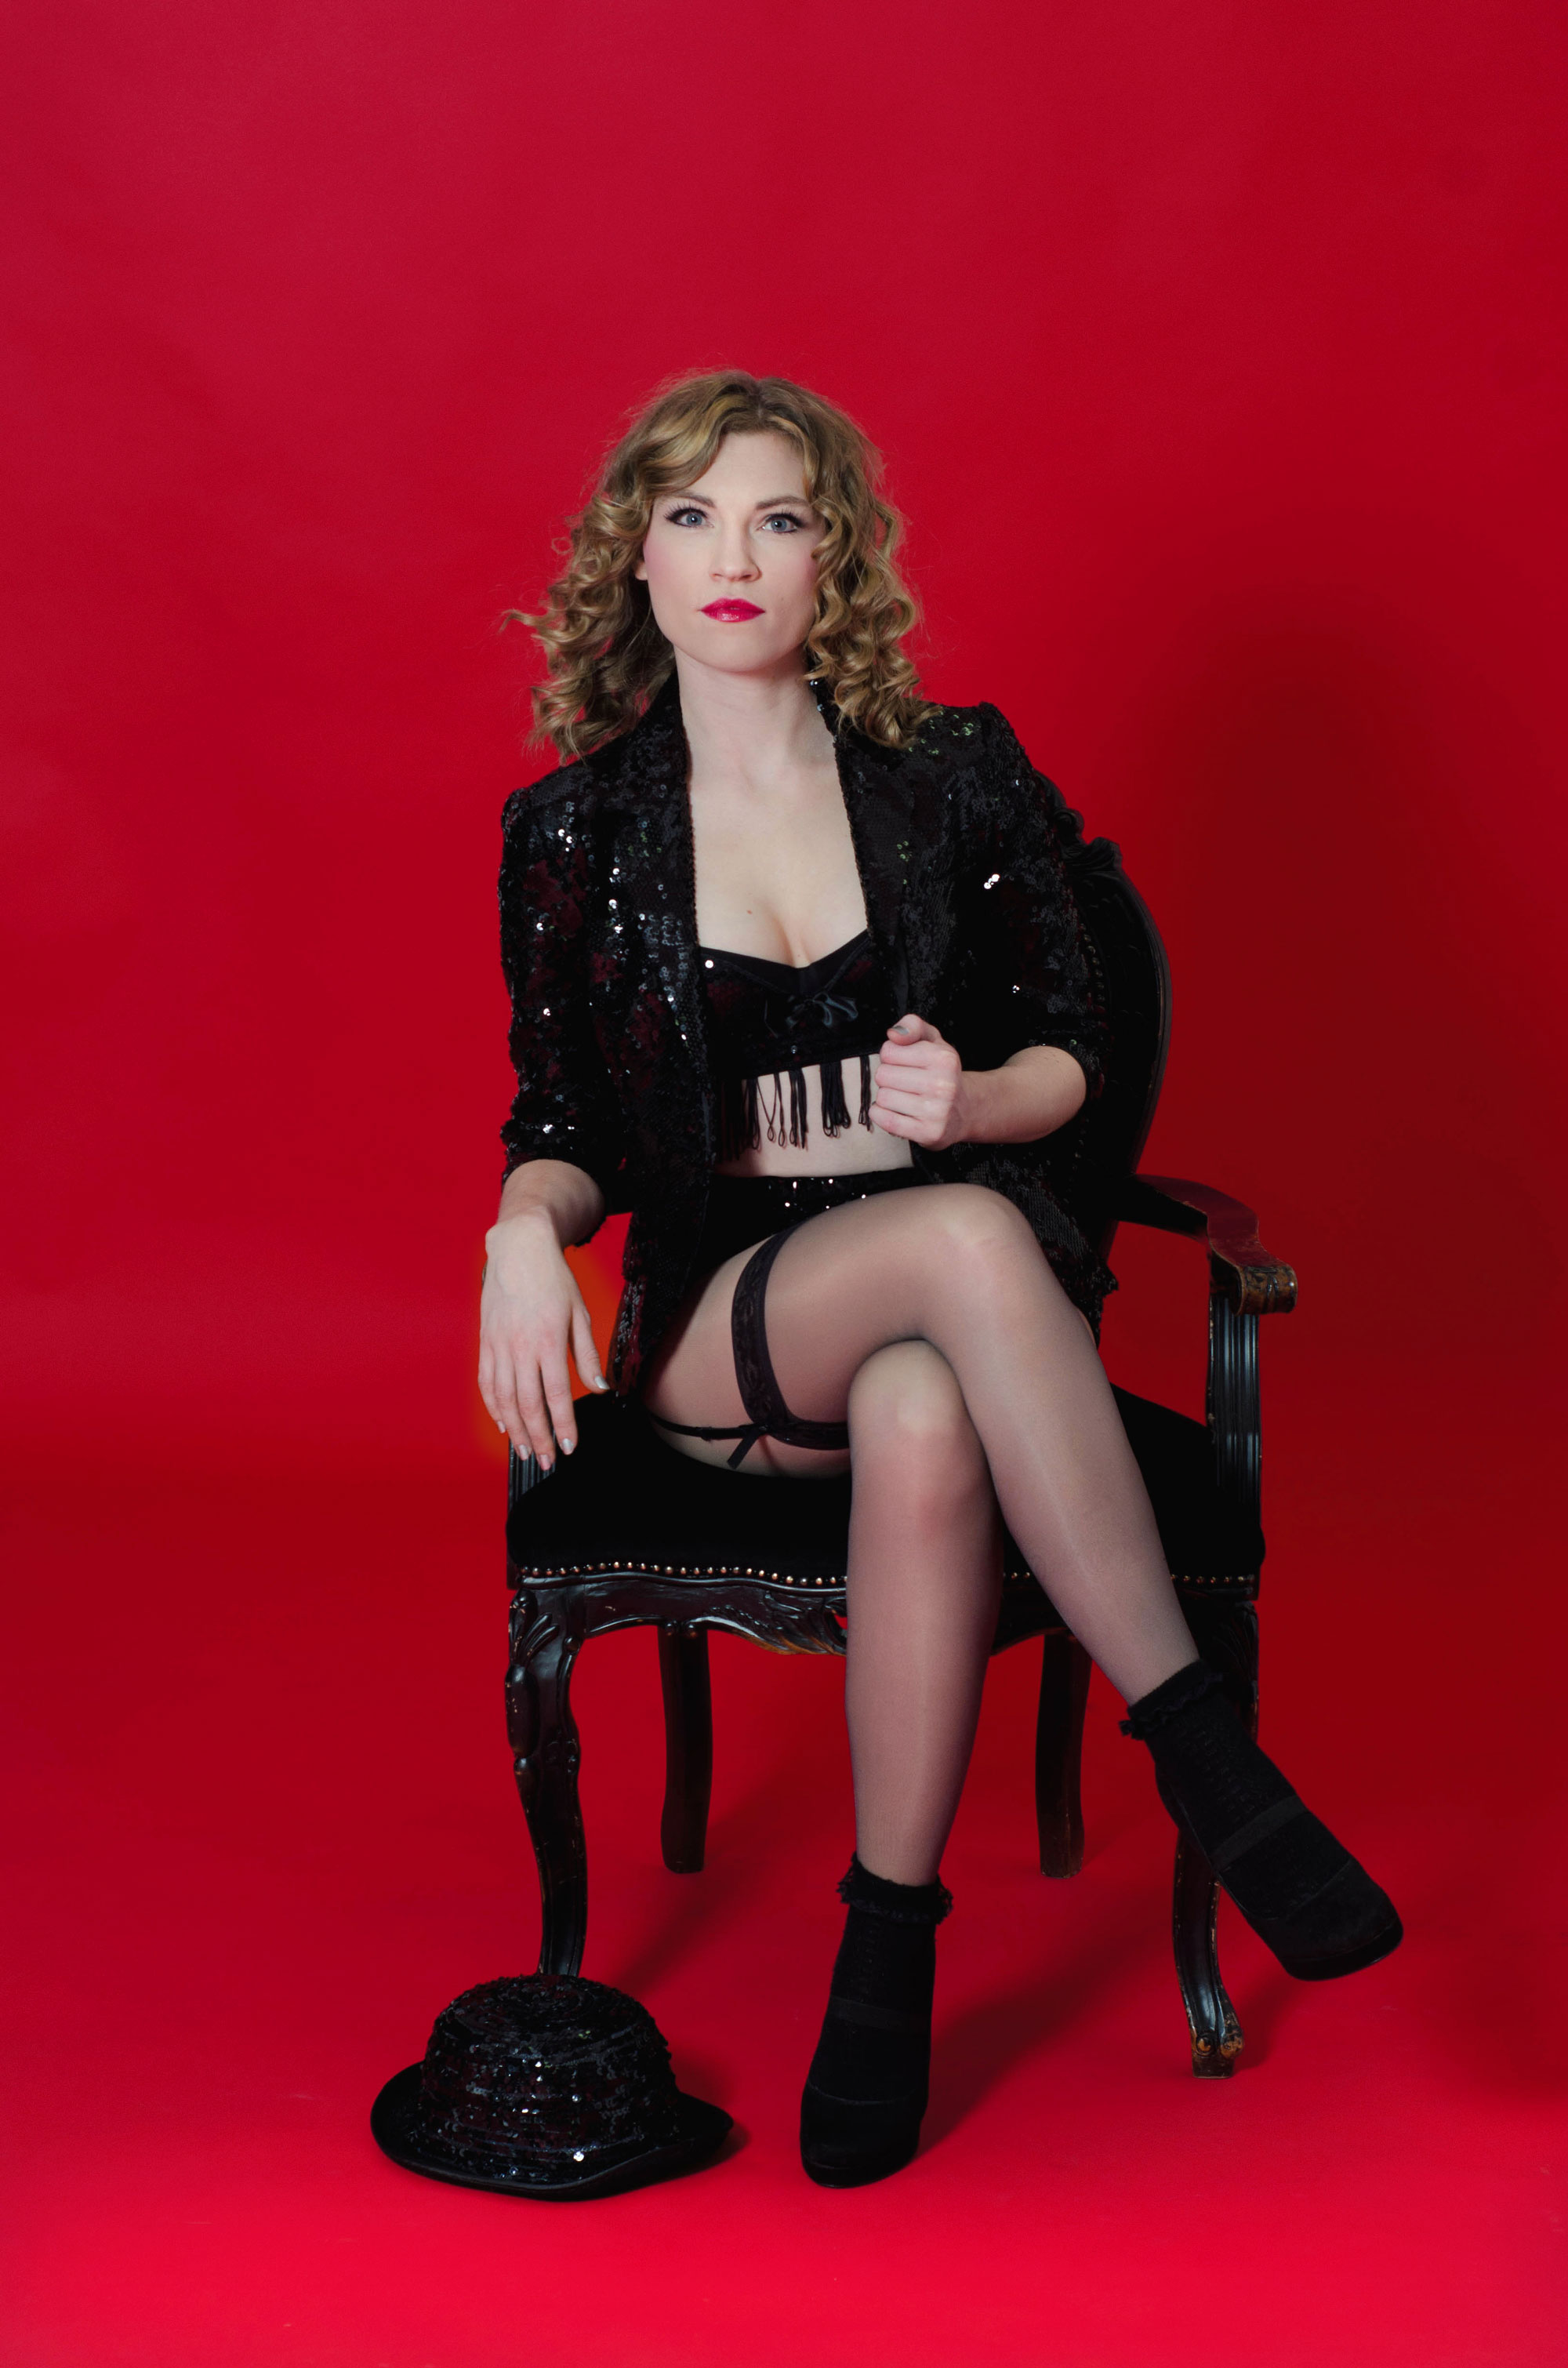 solo-cabaret-entertainer-1.jpg